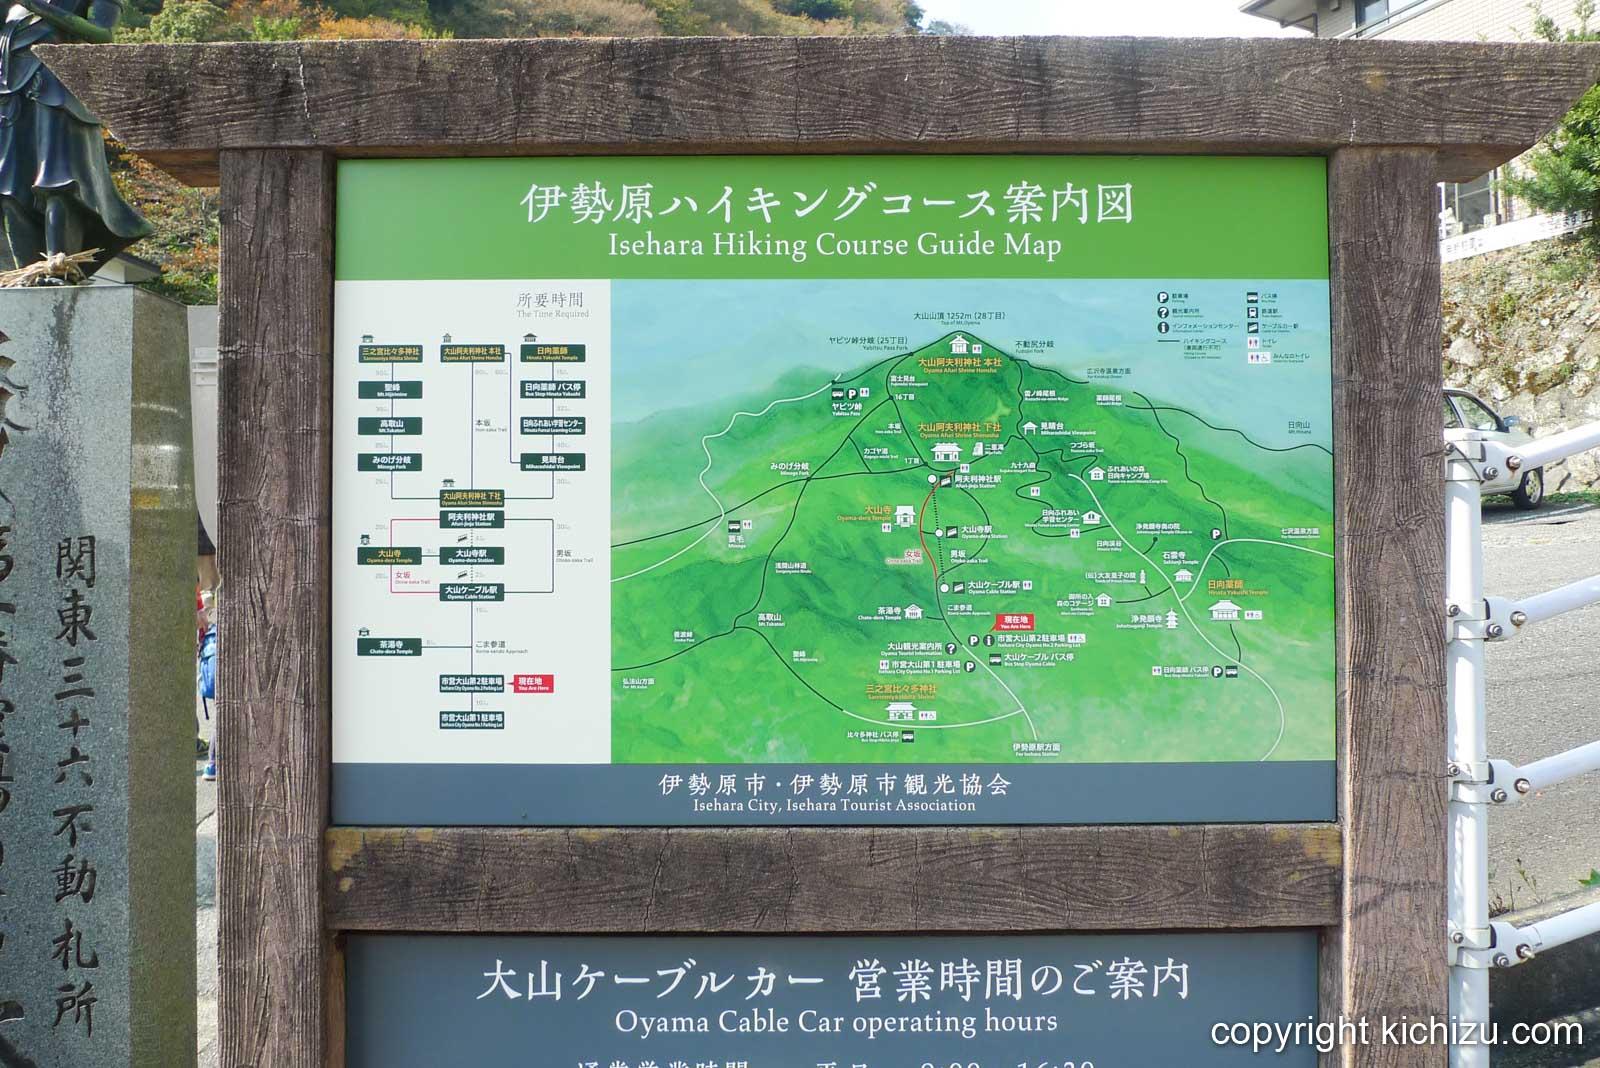 伊勢原ハイキングコース案内図